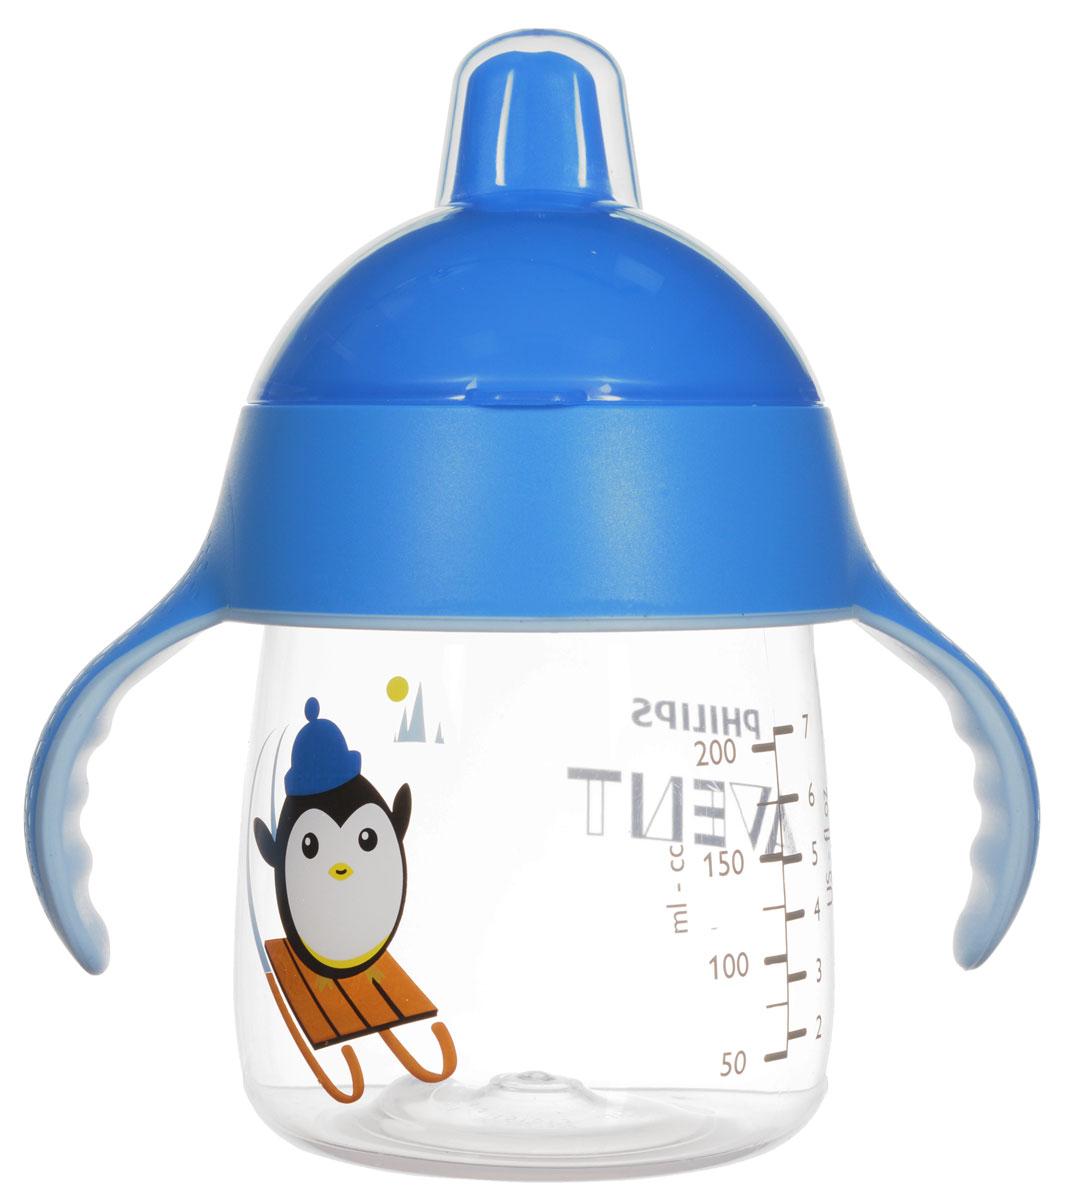 Philips Avent Волшебная чашка-непроливайка для детей от 12мес., голубой SCF753/00 -  Поильники